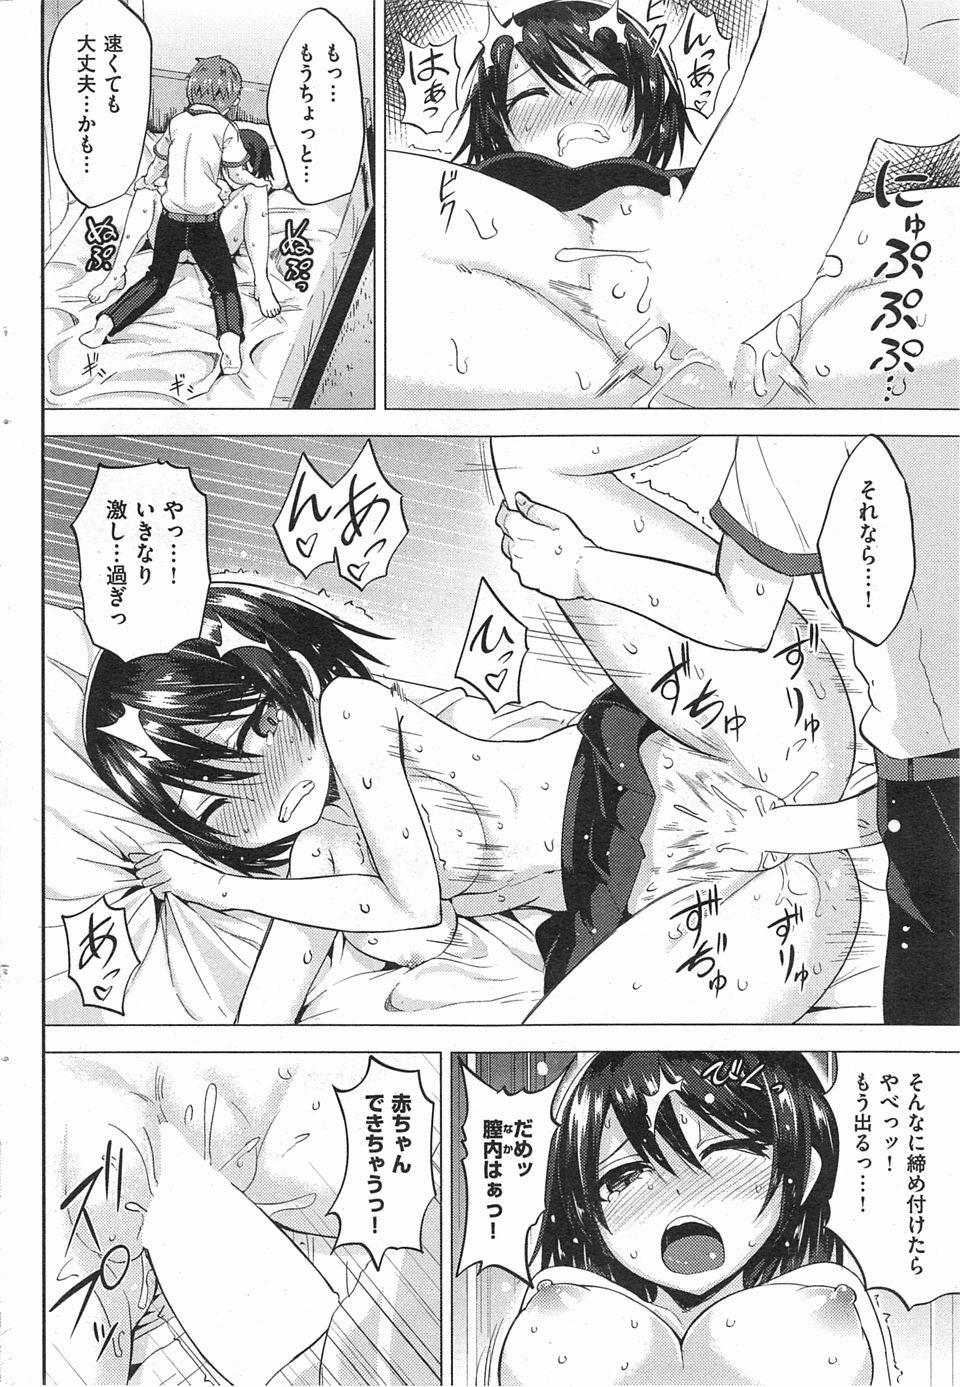 【エロ漫画・同人誌】クラスで委員長をしている女子の家で勉強を教えてもらうことになって、隙を見て枕の臭いを嗅いだら怒られたもののセックスに繋がった! 012